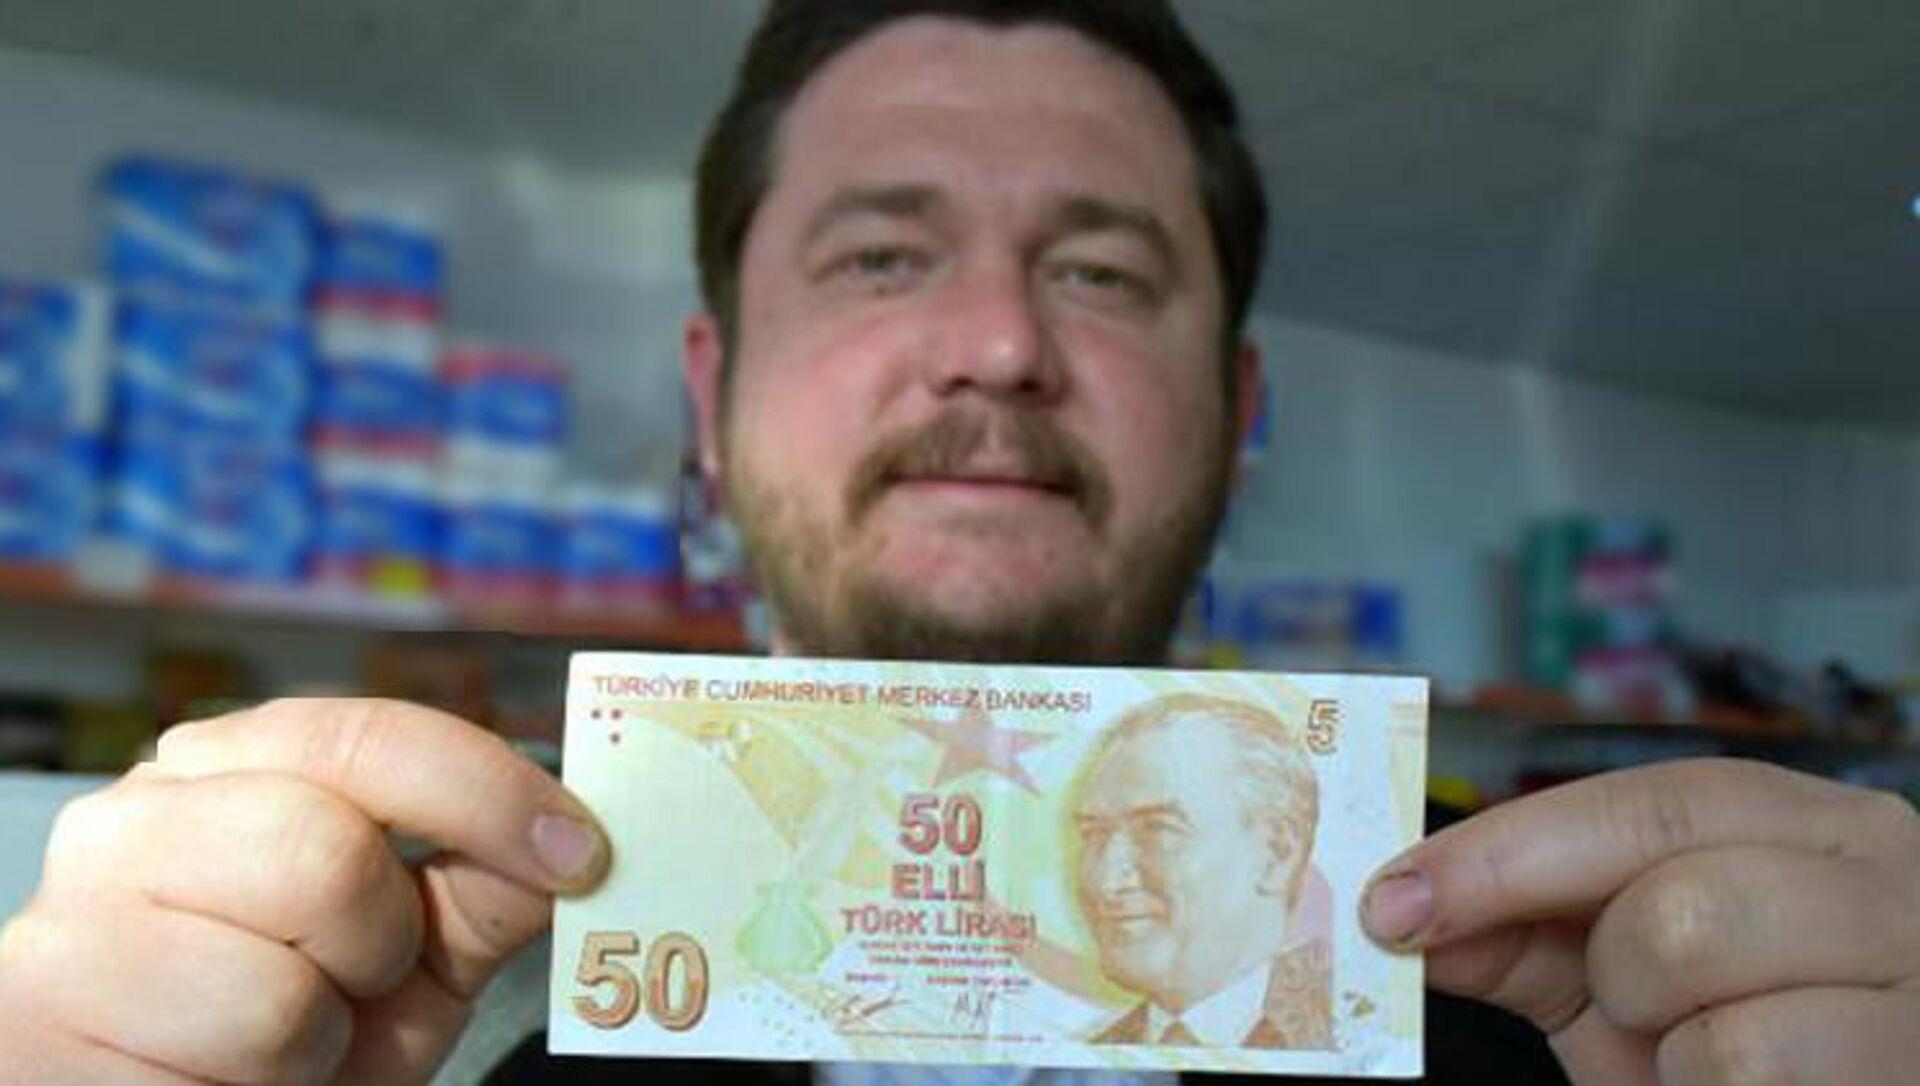 Kırklareli'de market sahibi Okan Er, hatalı basım olduğunu öne sürdüğü sağ üst köşesinde '50' yerine '5' yazan 50 TL'lik banknotu satışa çıkardı - Sputnik Türkiye, 1920, 08.03.2021